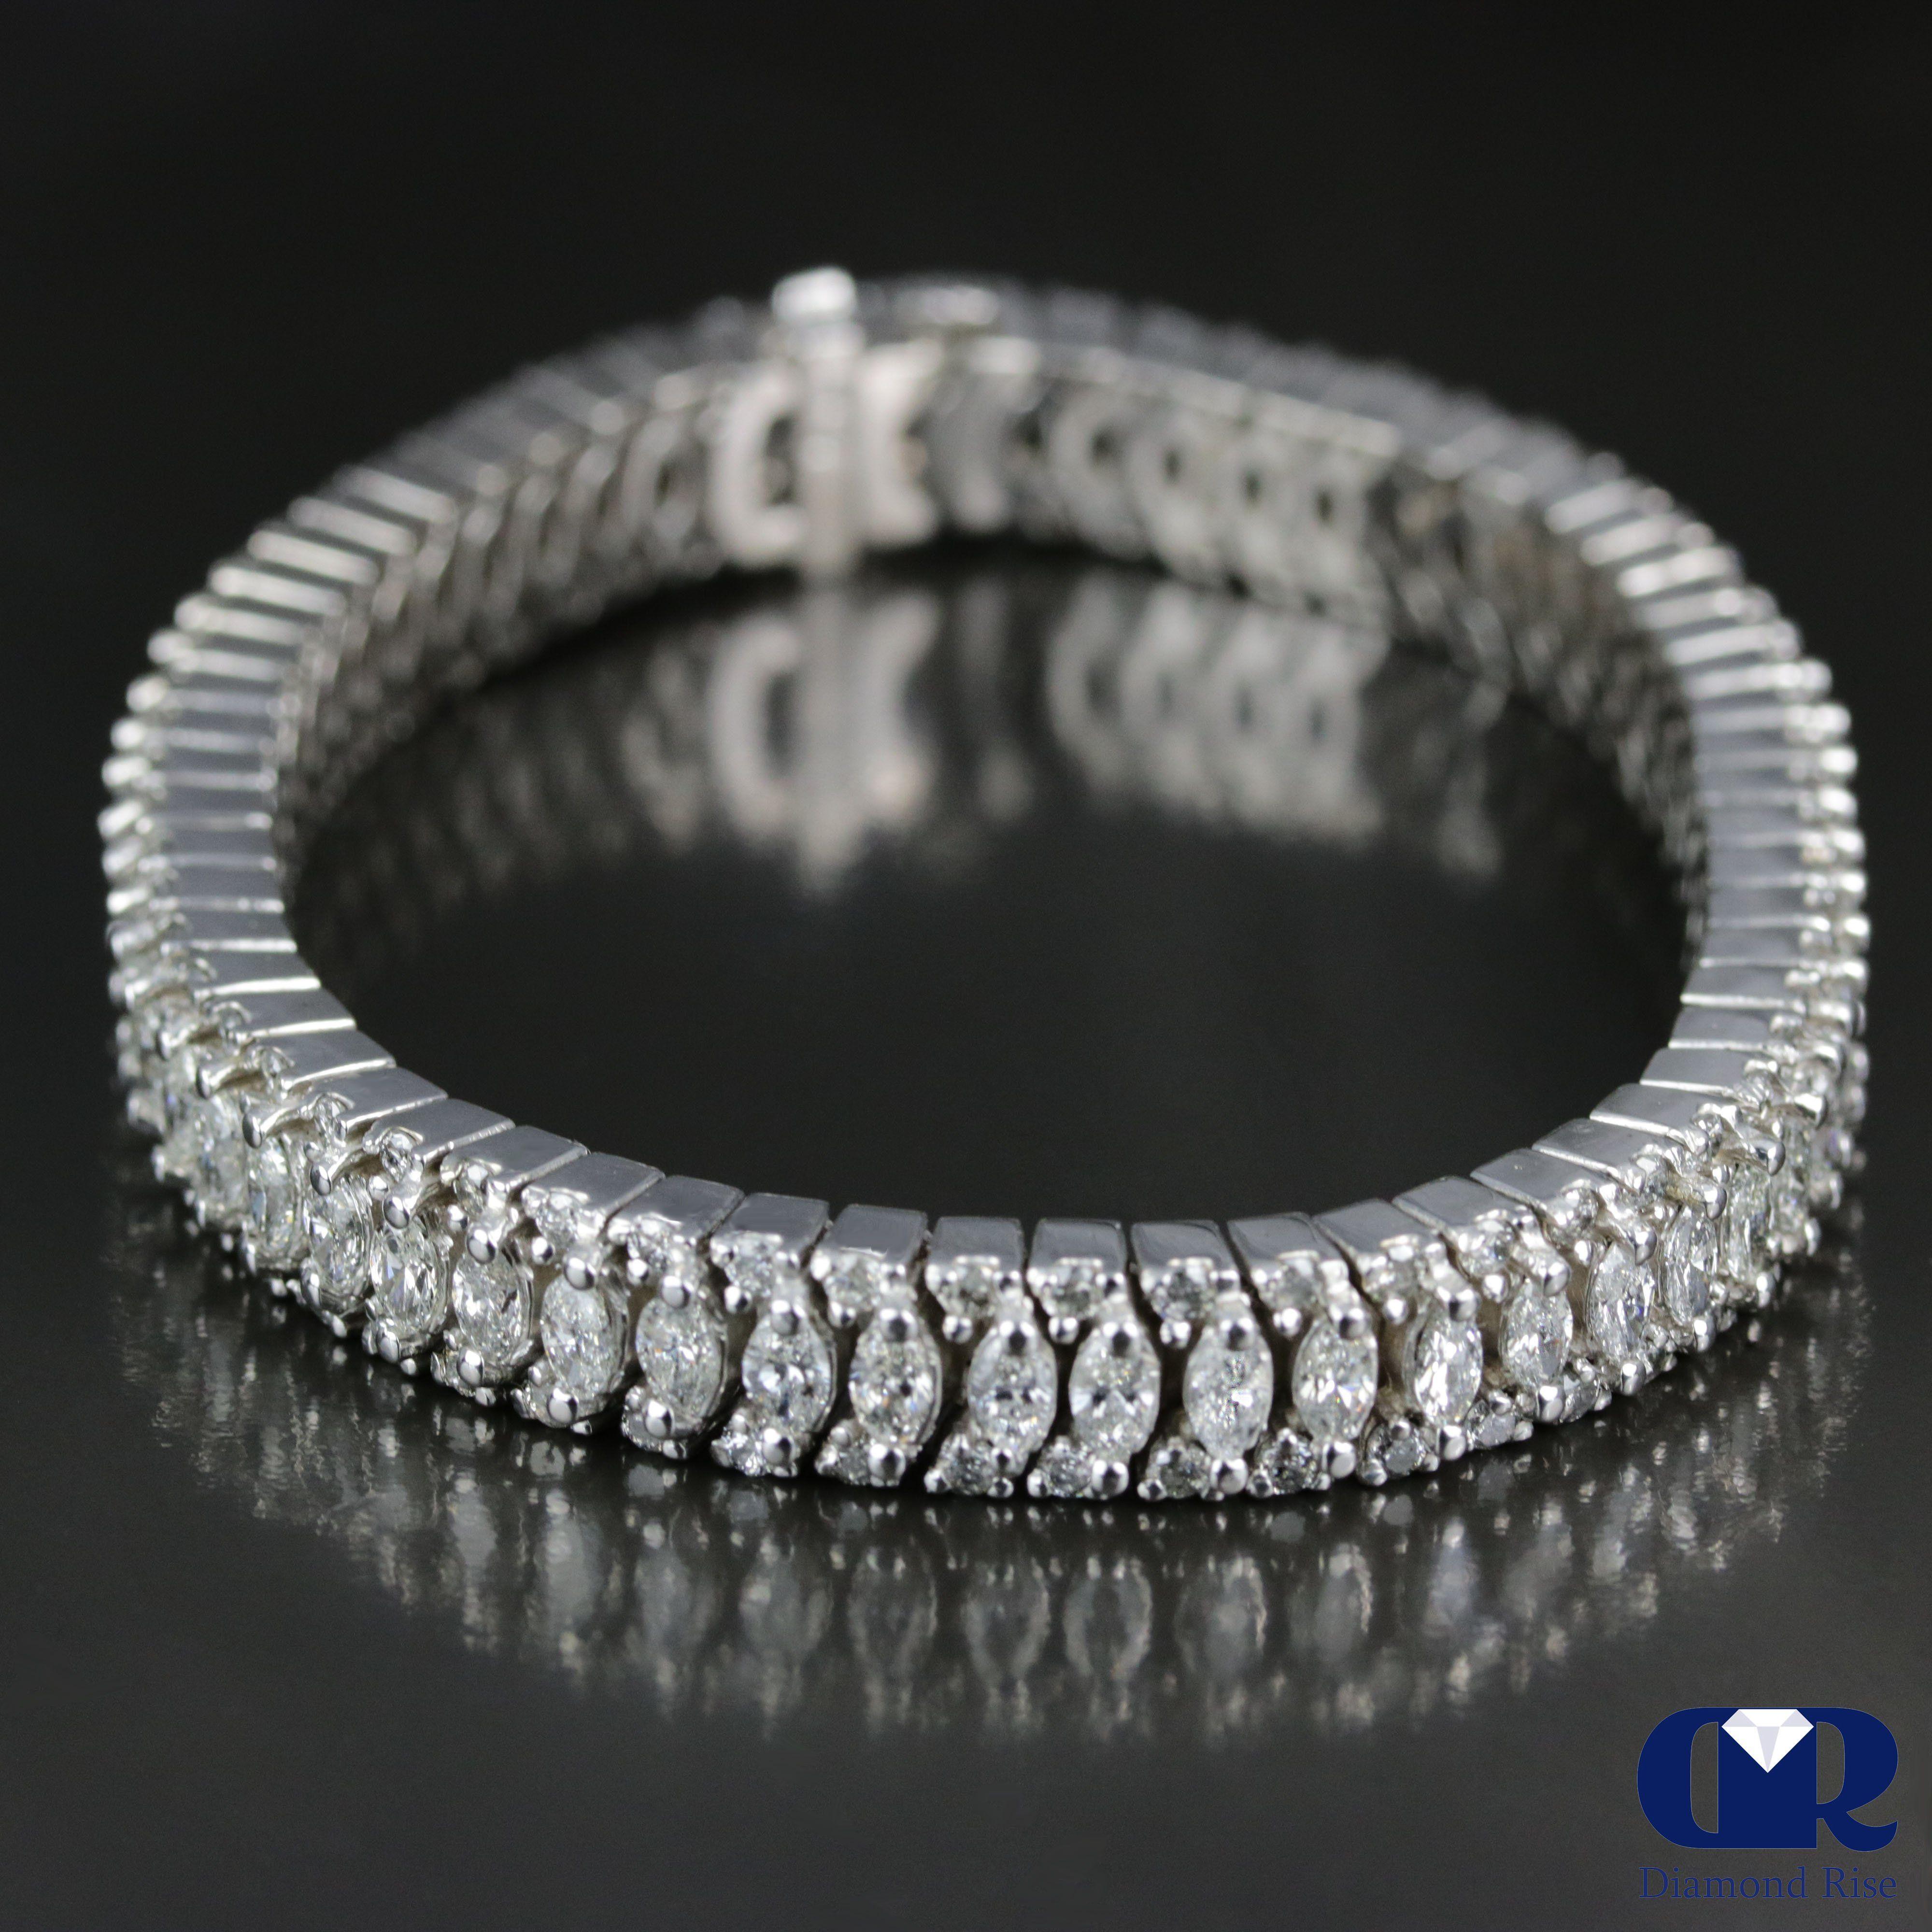 Women S Heavy 11 42 Carat Diamond Tennis Bracelet In 14k White Gold Diamondtennisbracelet Tennis Bracelet Diamond Diamond Bracelet Design Diamond Carat Size